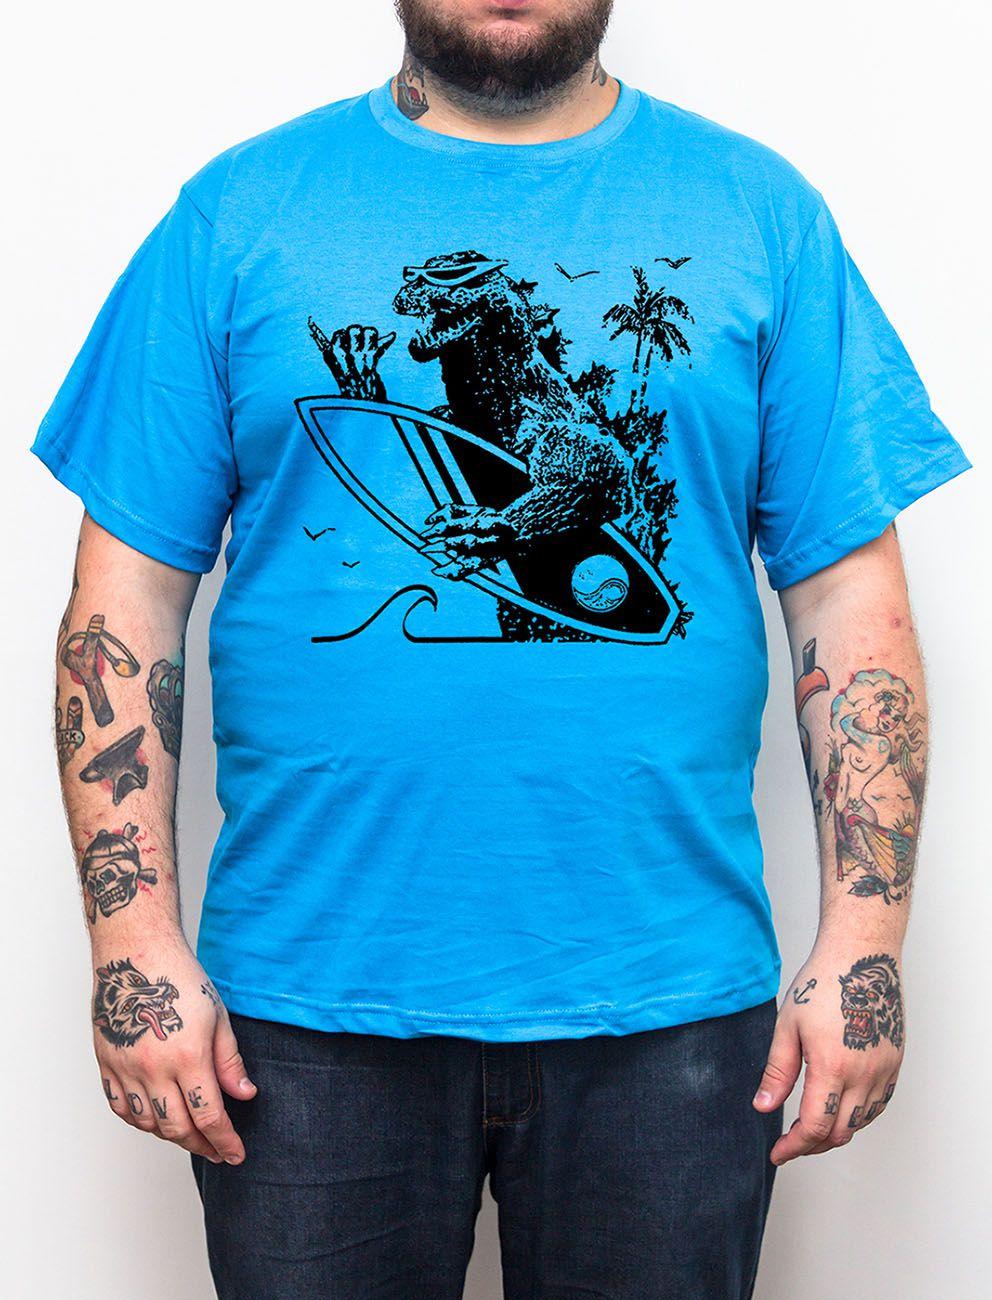 Camiseta Godzilla Prancha - Tamanho Grande Xg  - HShop